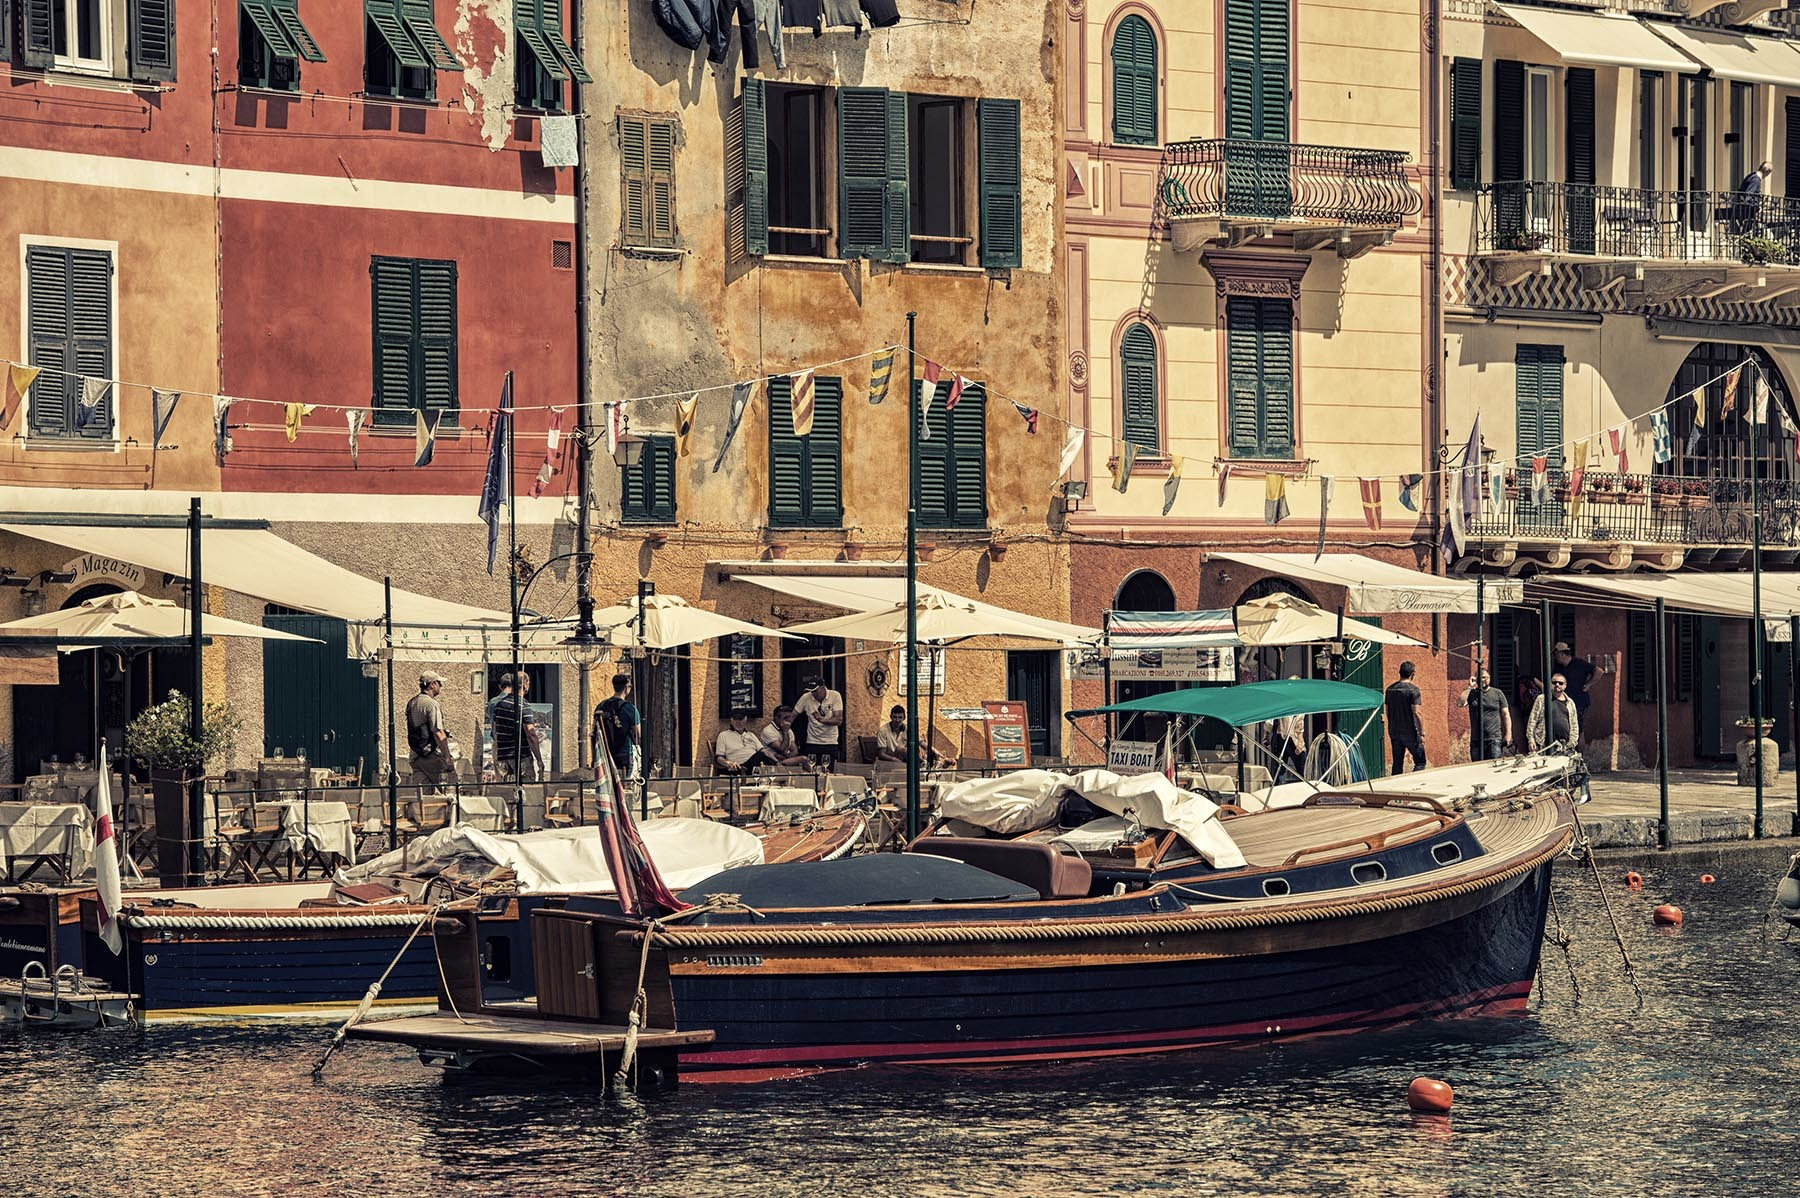 Cumująca łódż obok lolorowych portowych budynków Portofino